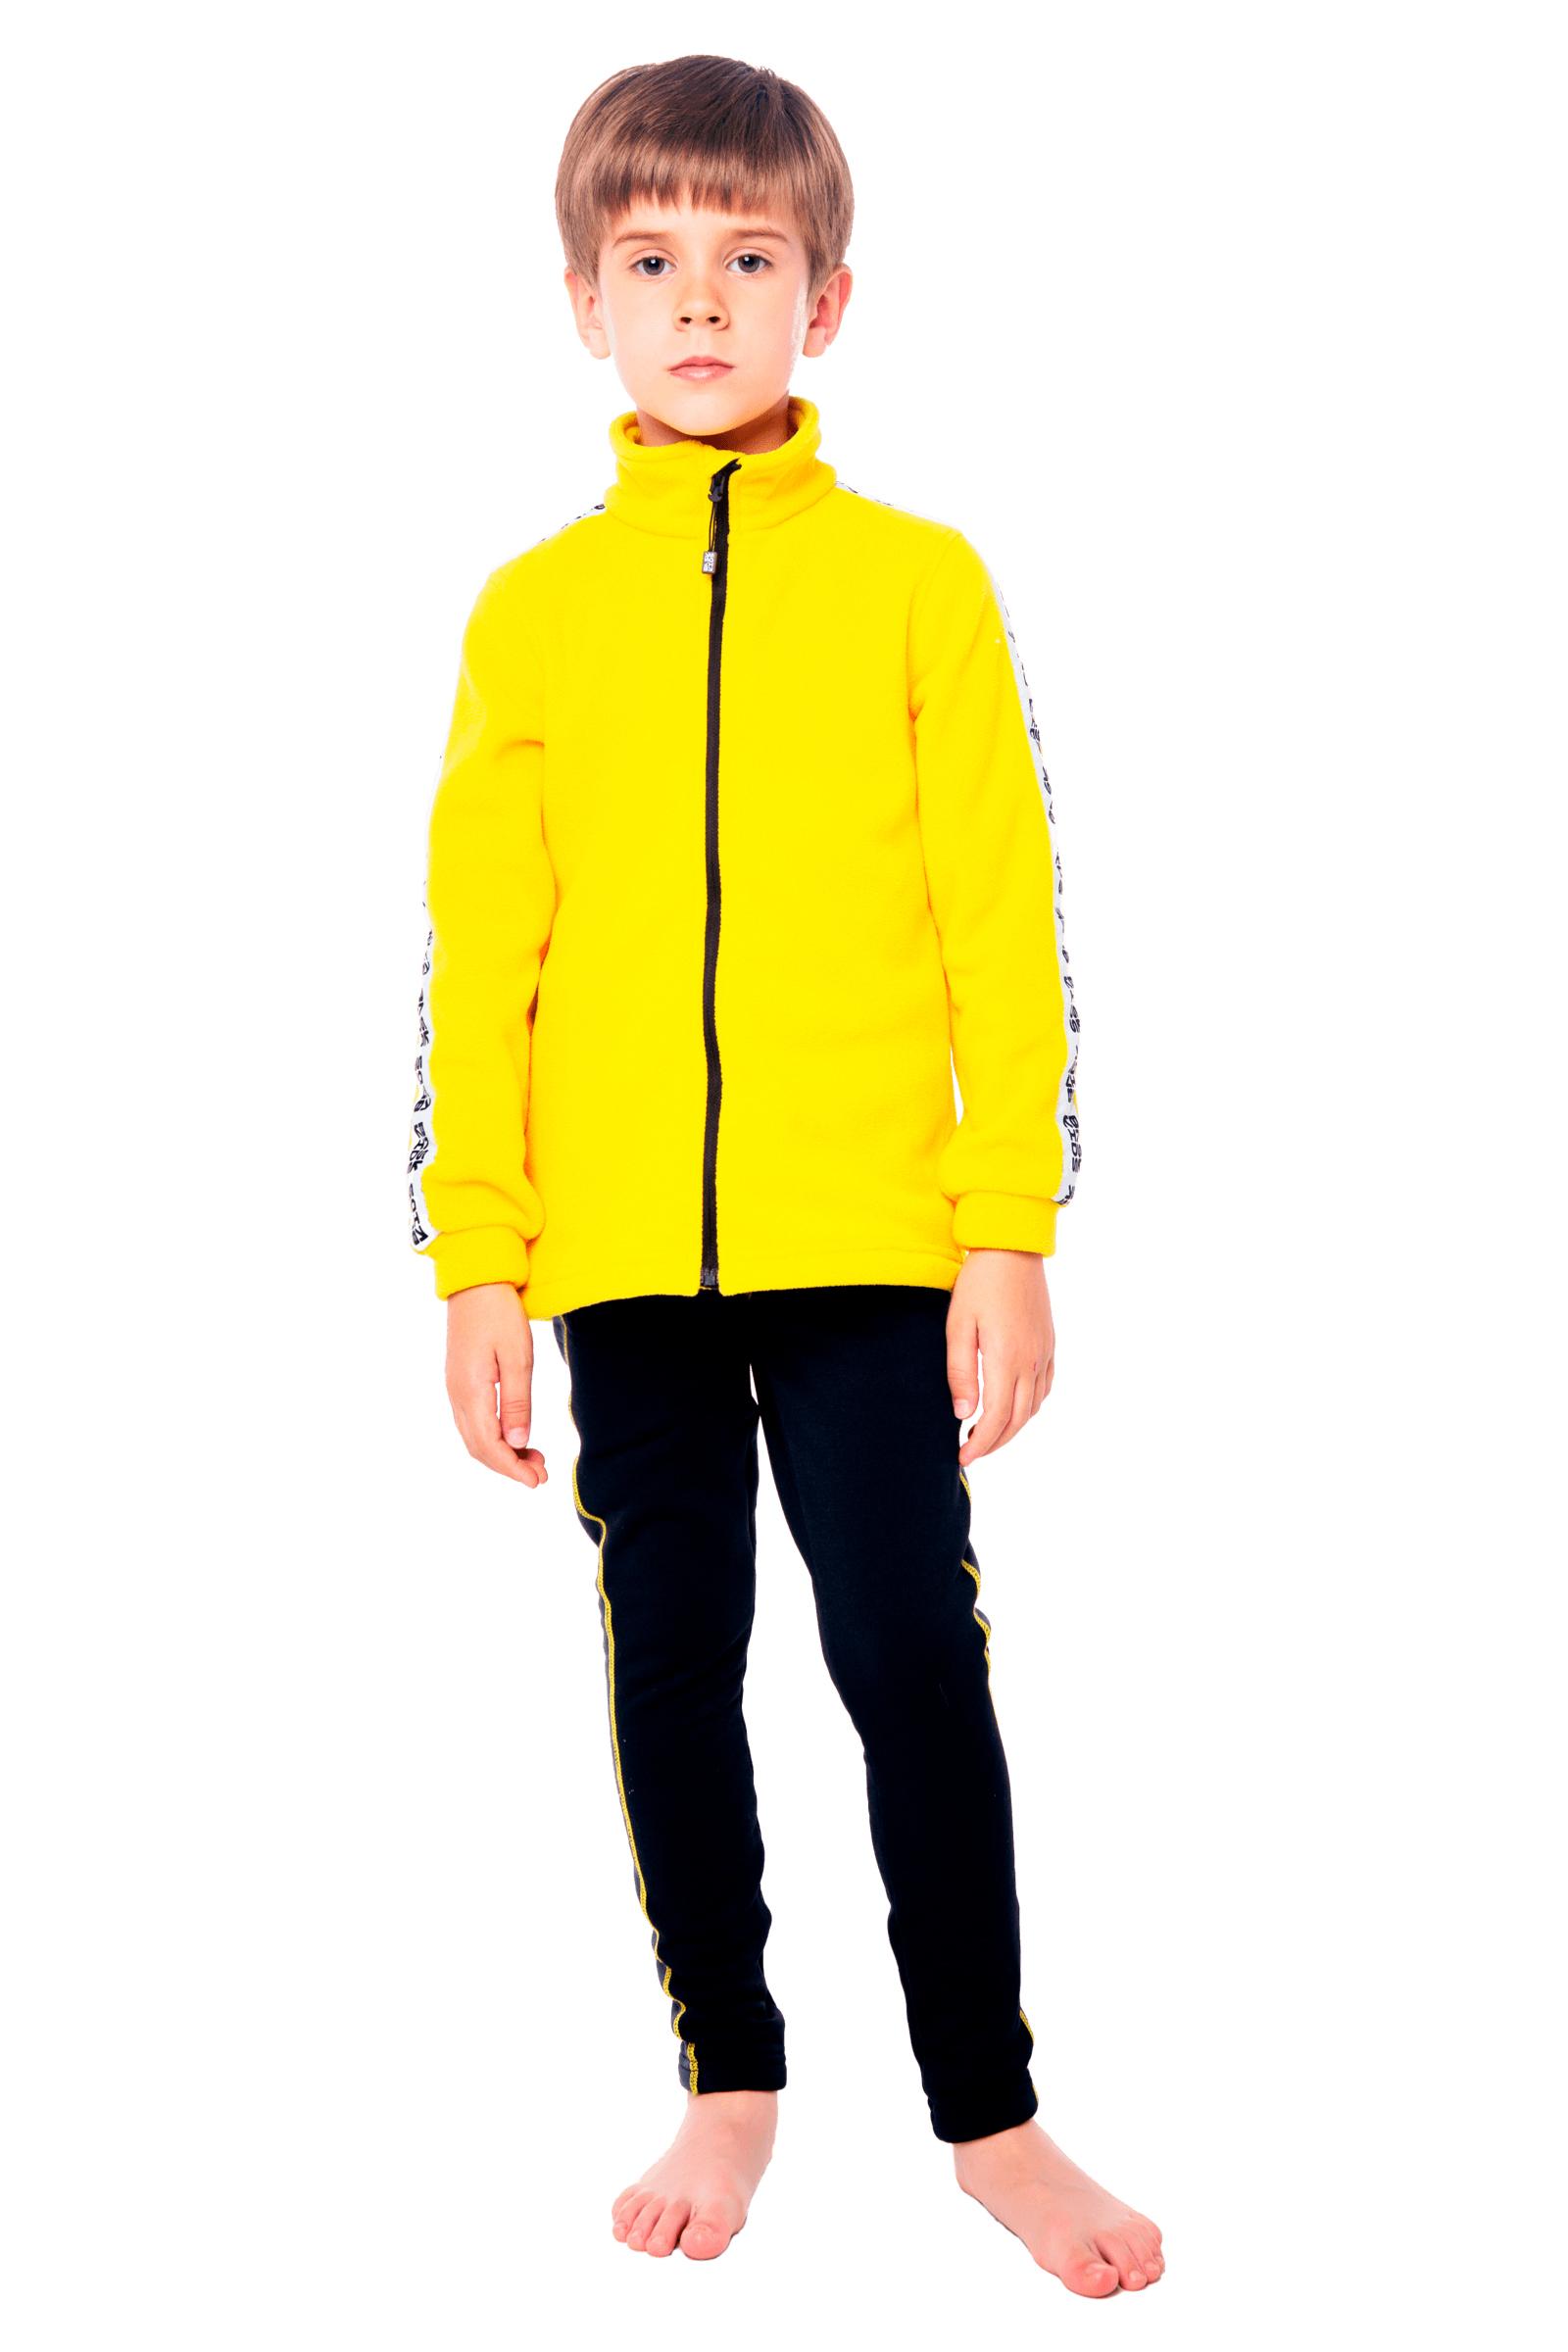 Купить Куртка флисовая детская BASK kids PIKA желтая, Компания БАСК